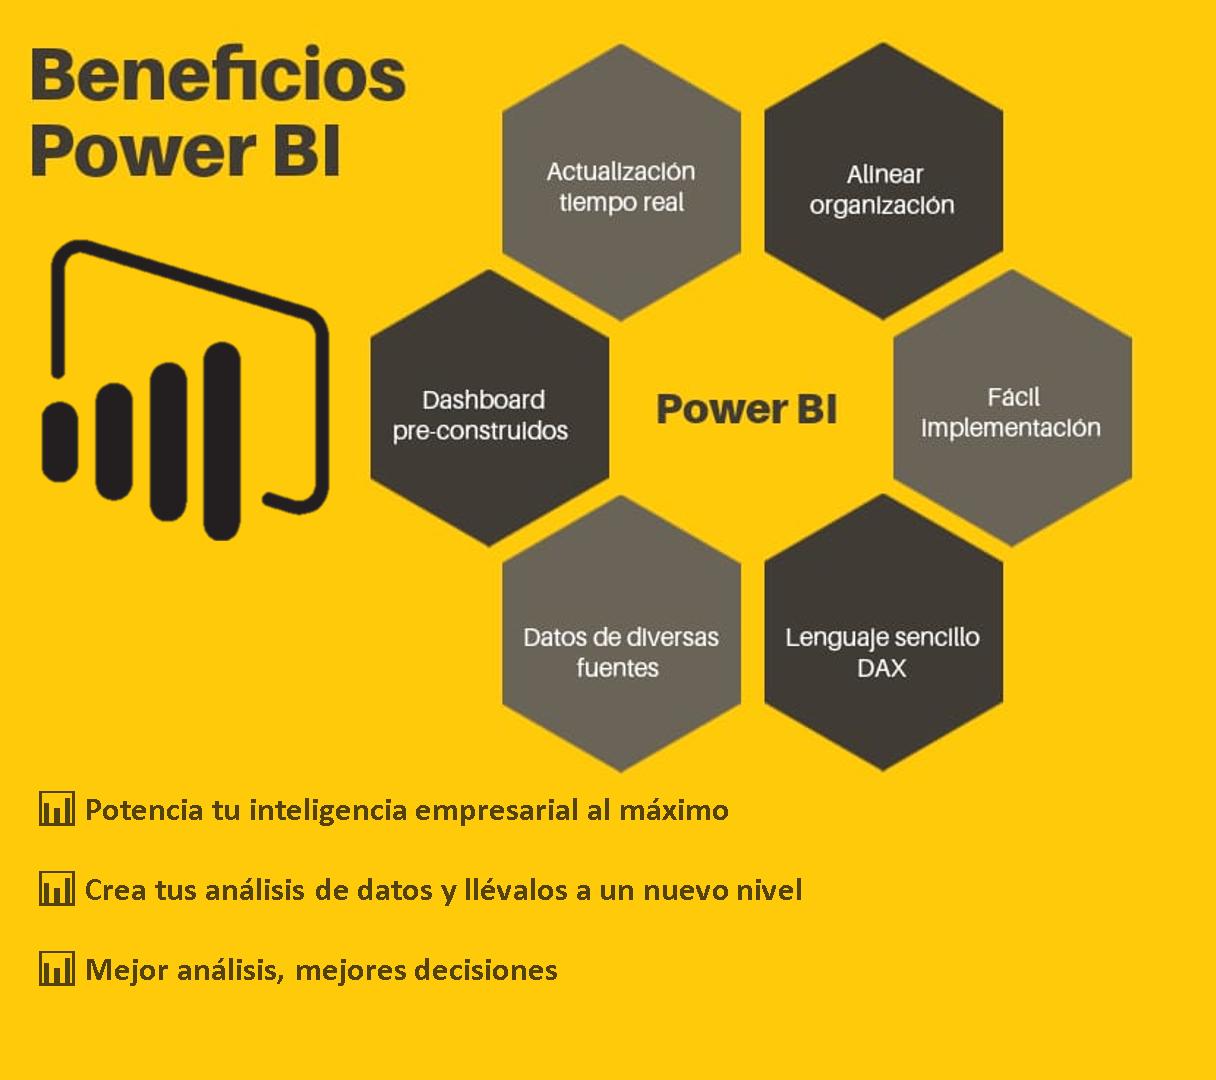 Beneficios de Power BI